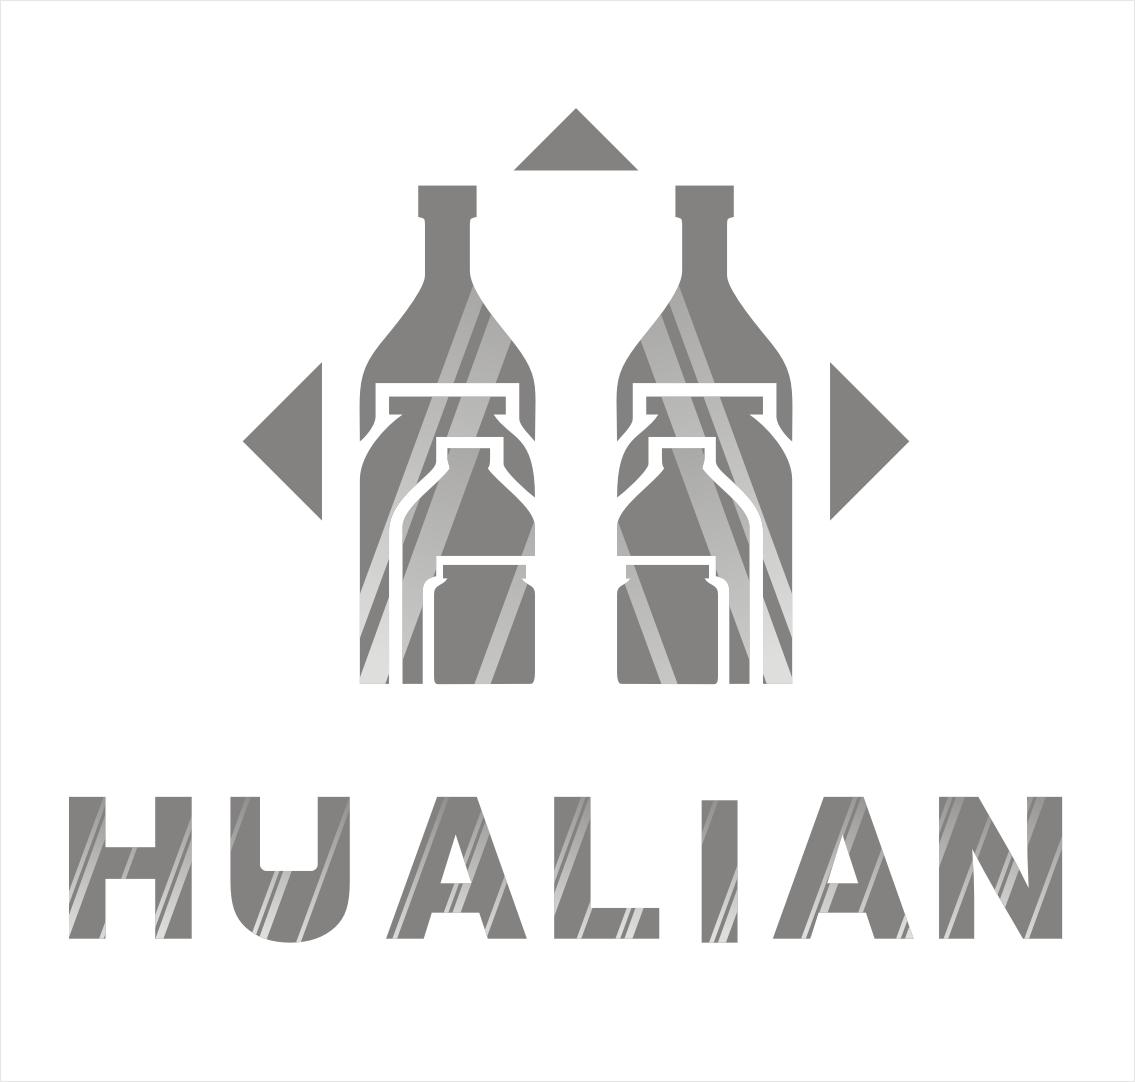 设计一个网站logo(加了新内容)_2959487_k68威客网